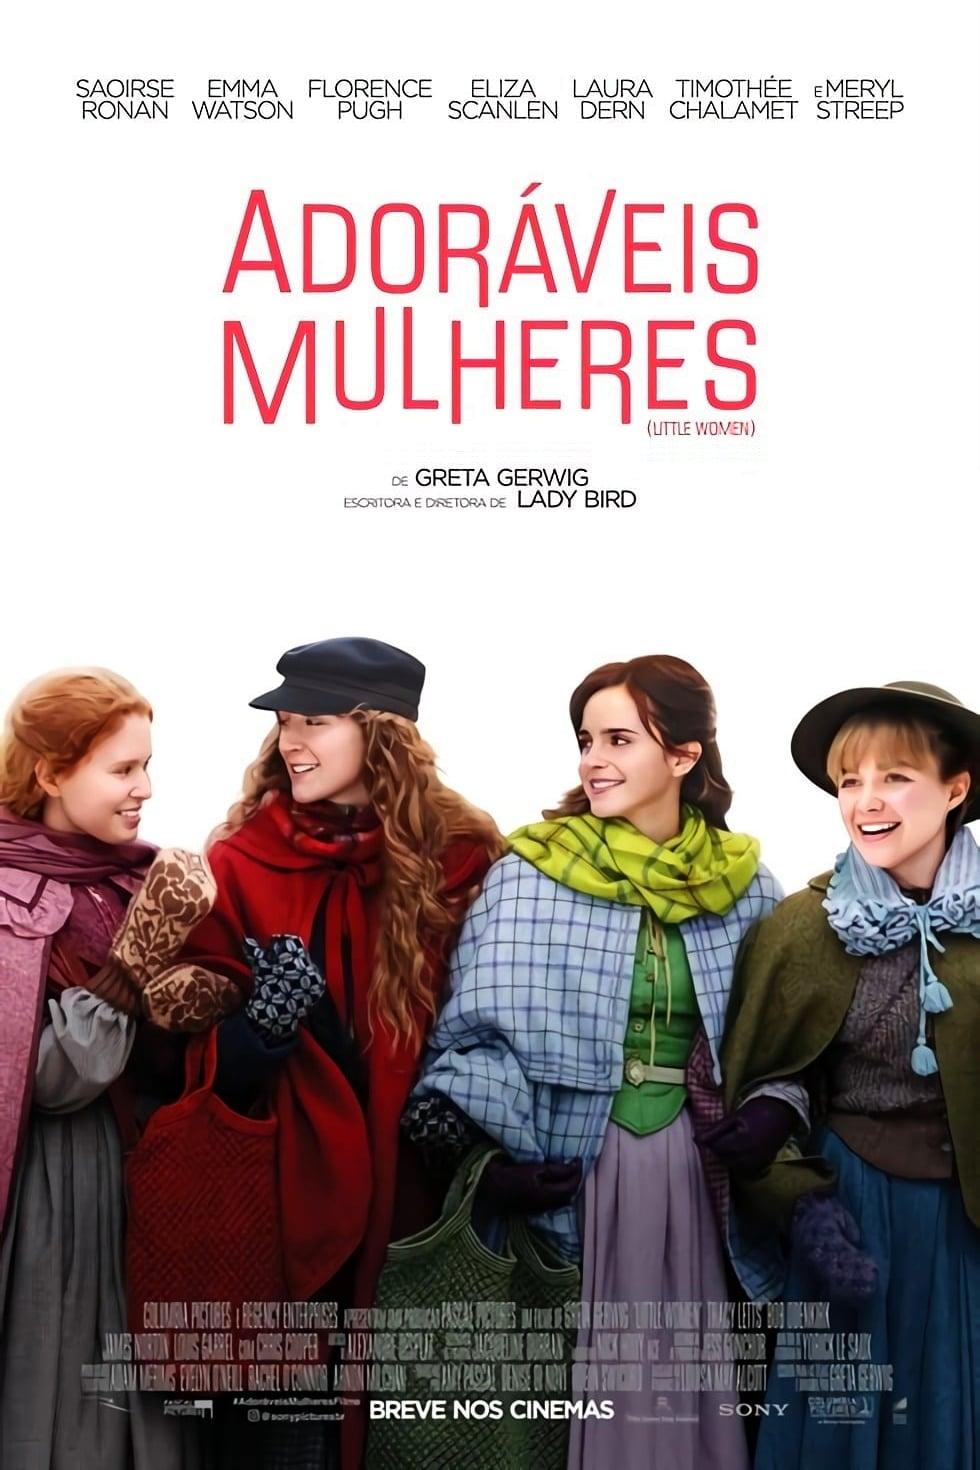 assistir filme adoráveis mulheres